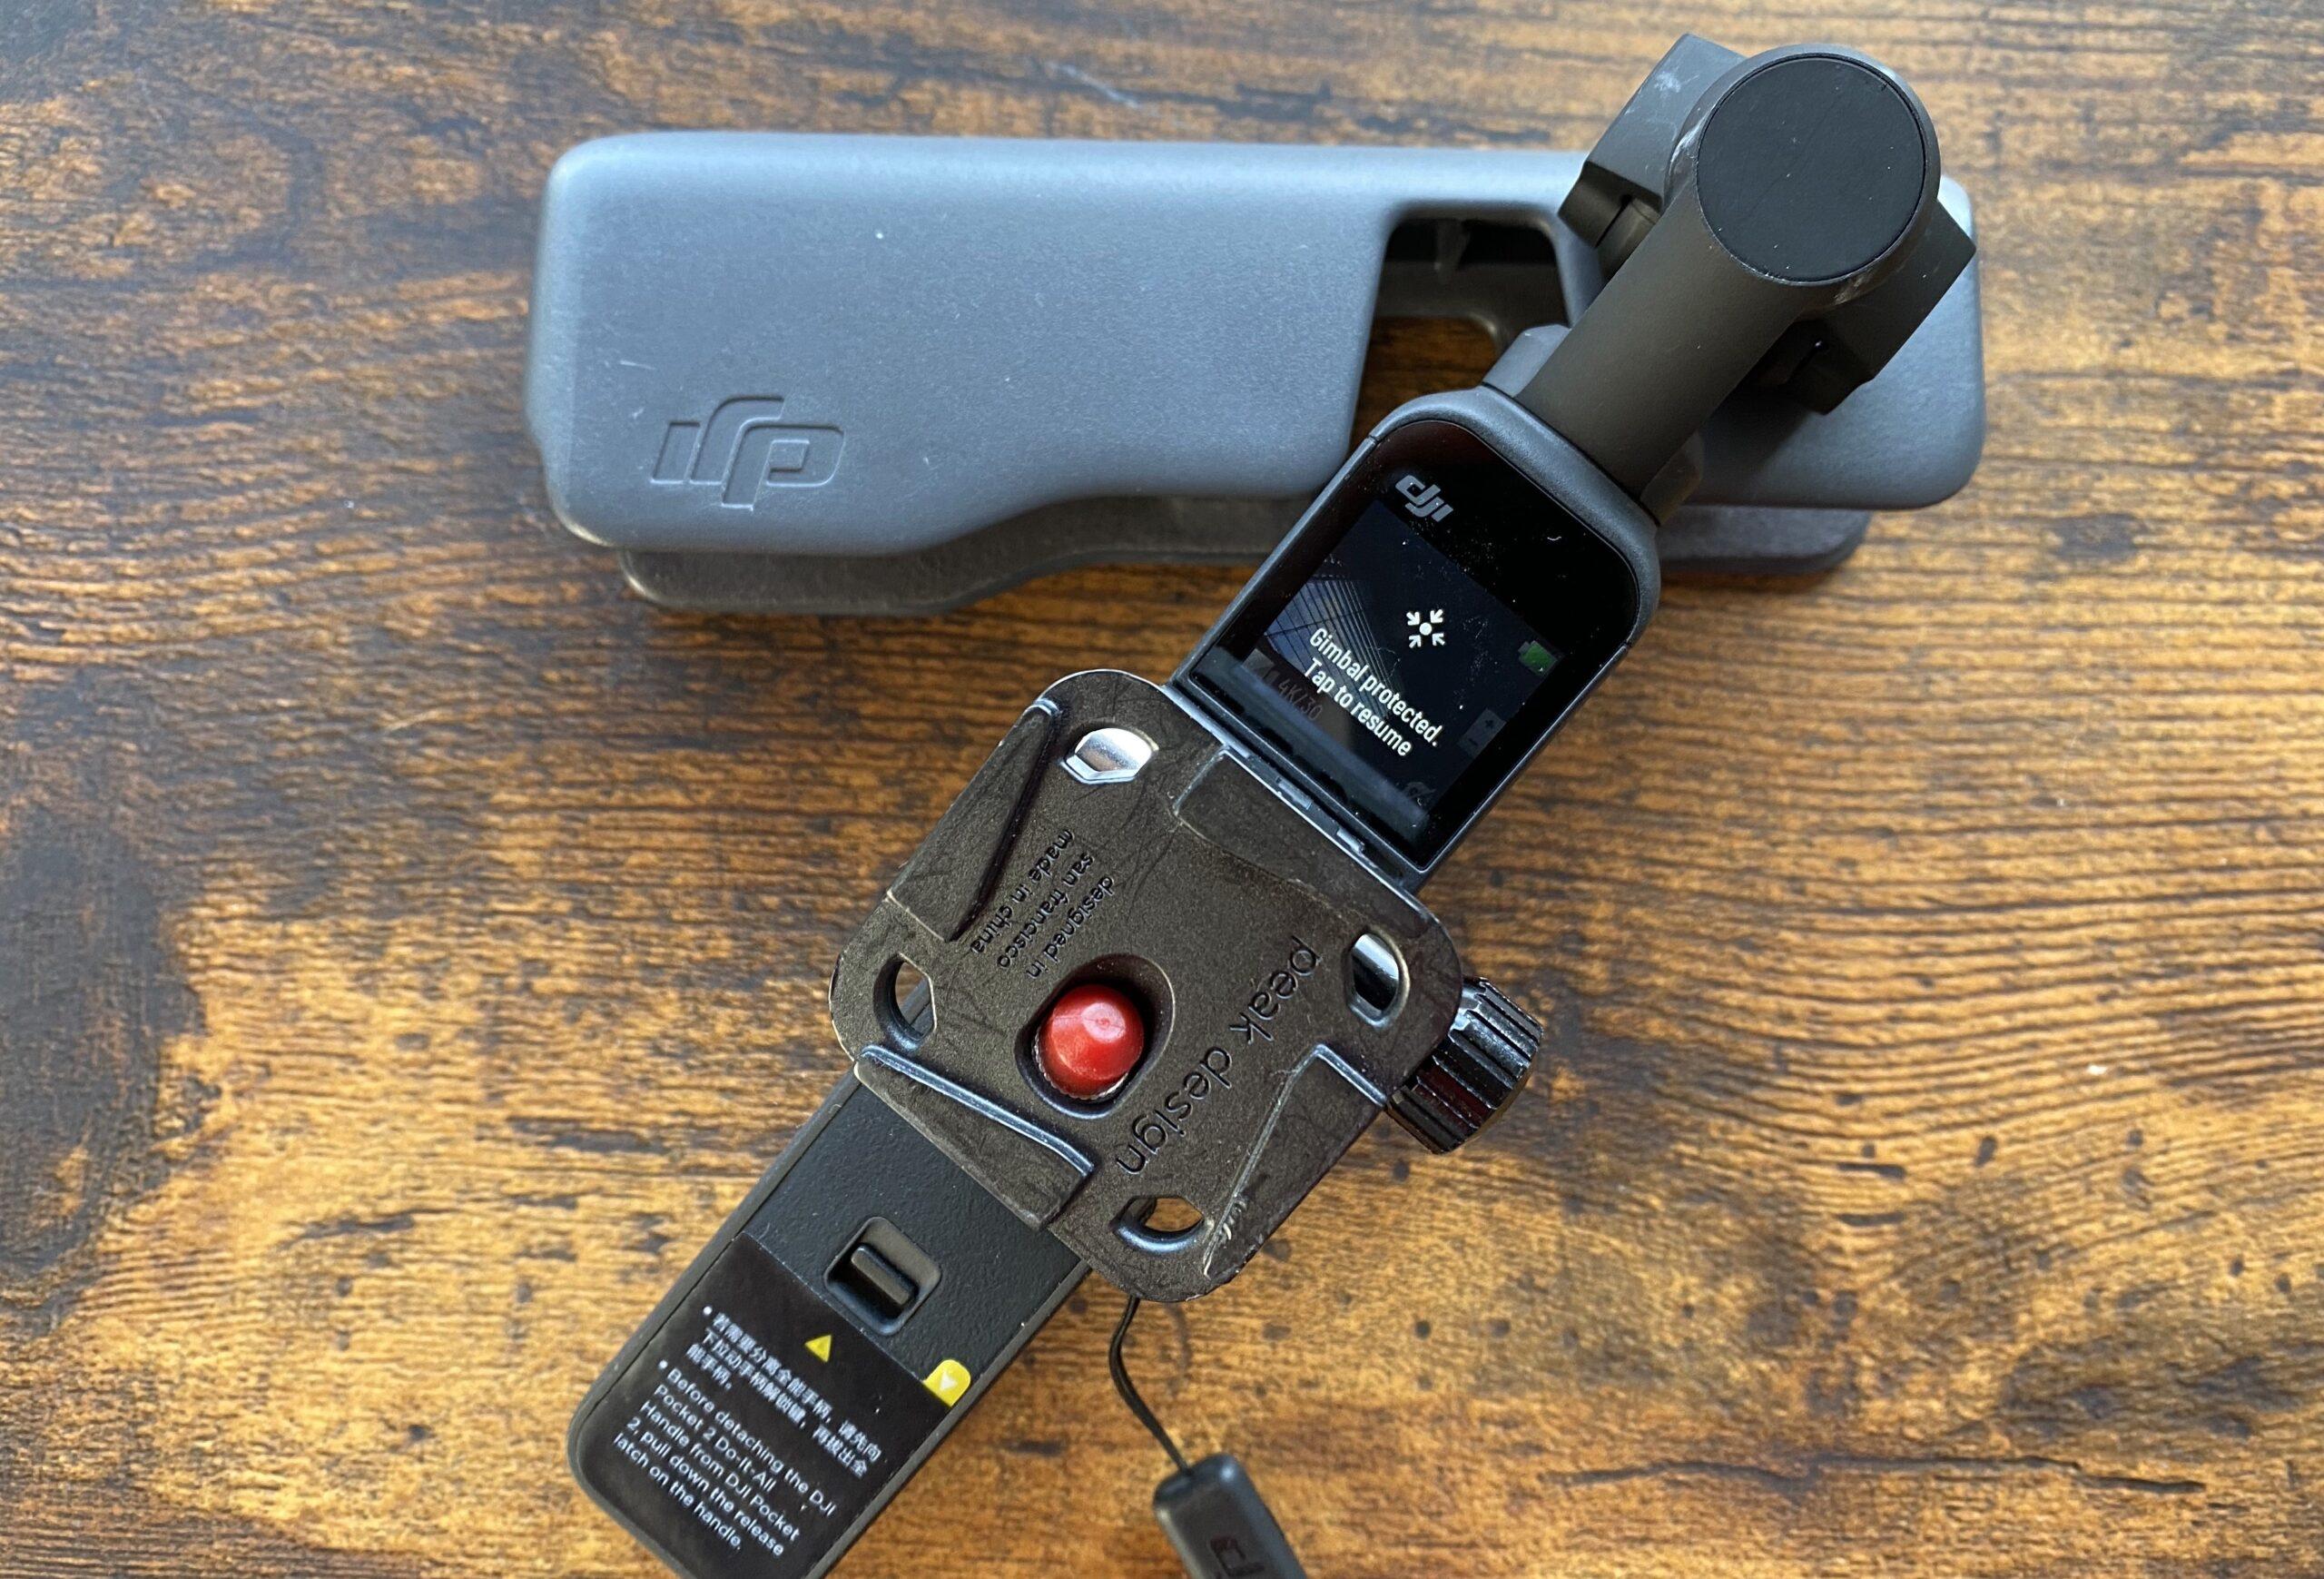 DJI Pocket 2は使いづらい。モニターの小ささがシニアに辛くて、それを補うスマホ連動もなかなかこなせない。